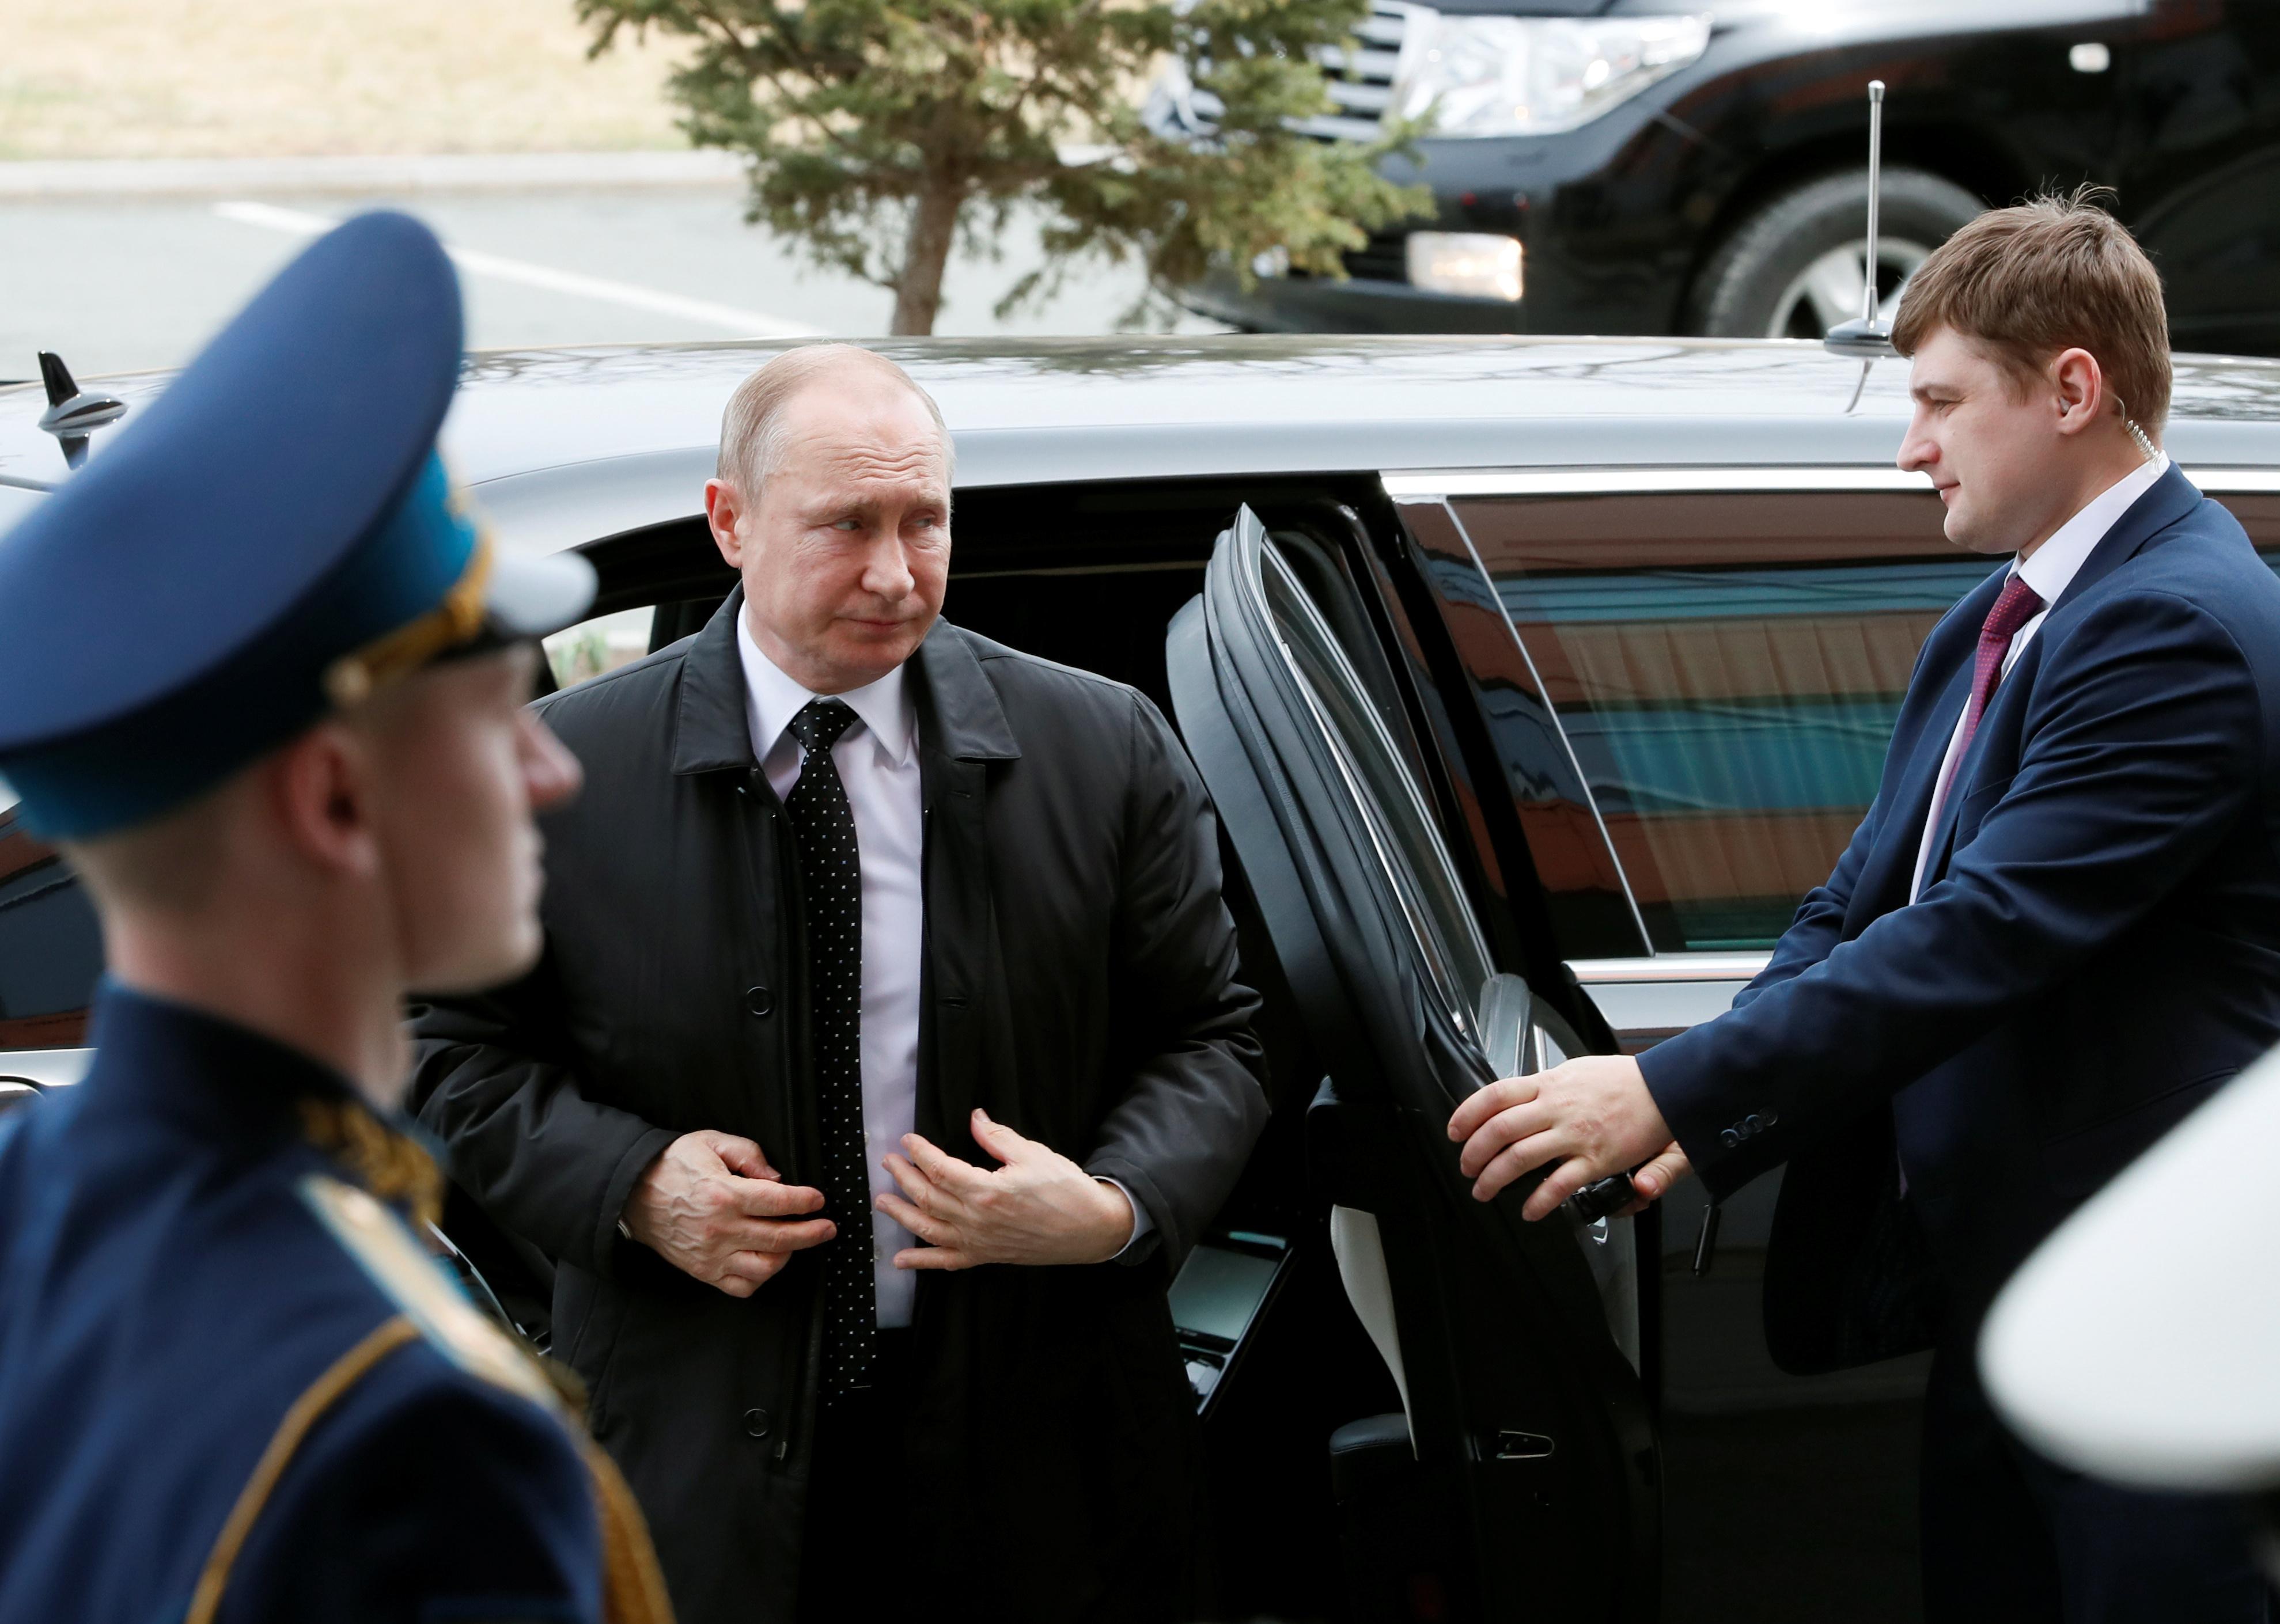 Putin en su llegada al encuentro con el líder norcoreano. (REUTERS/Shamil Zhumatov)